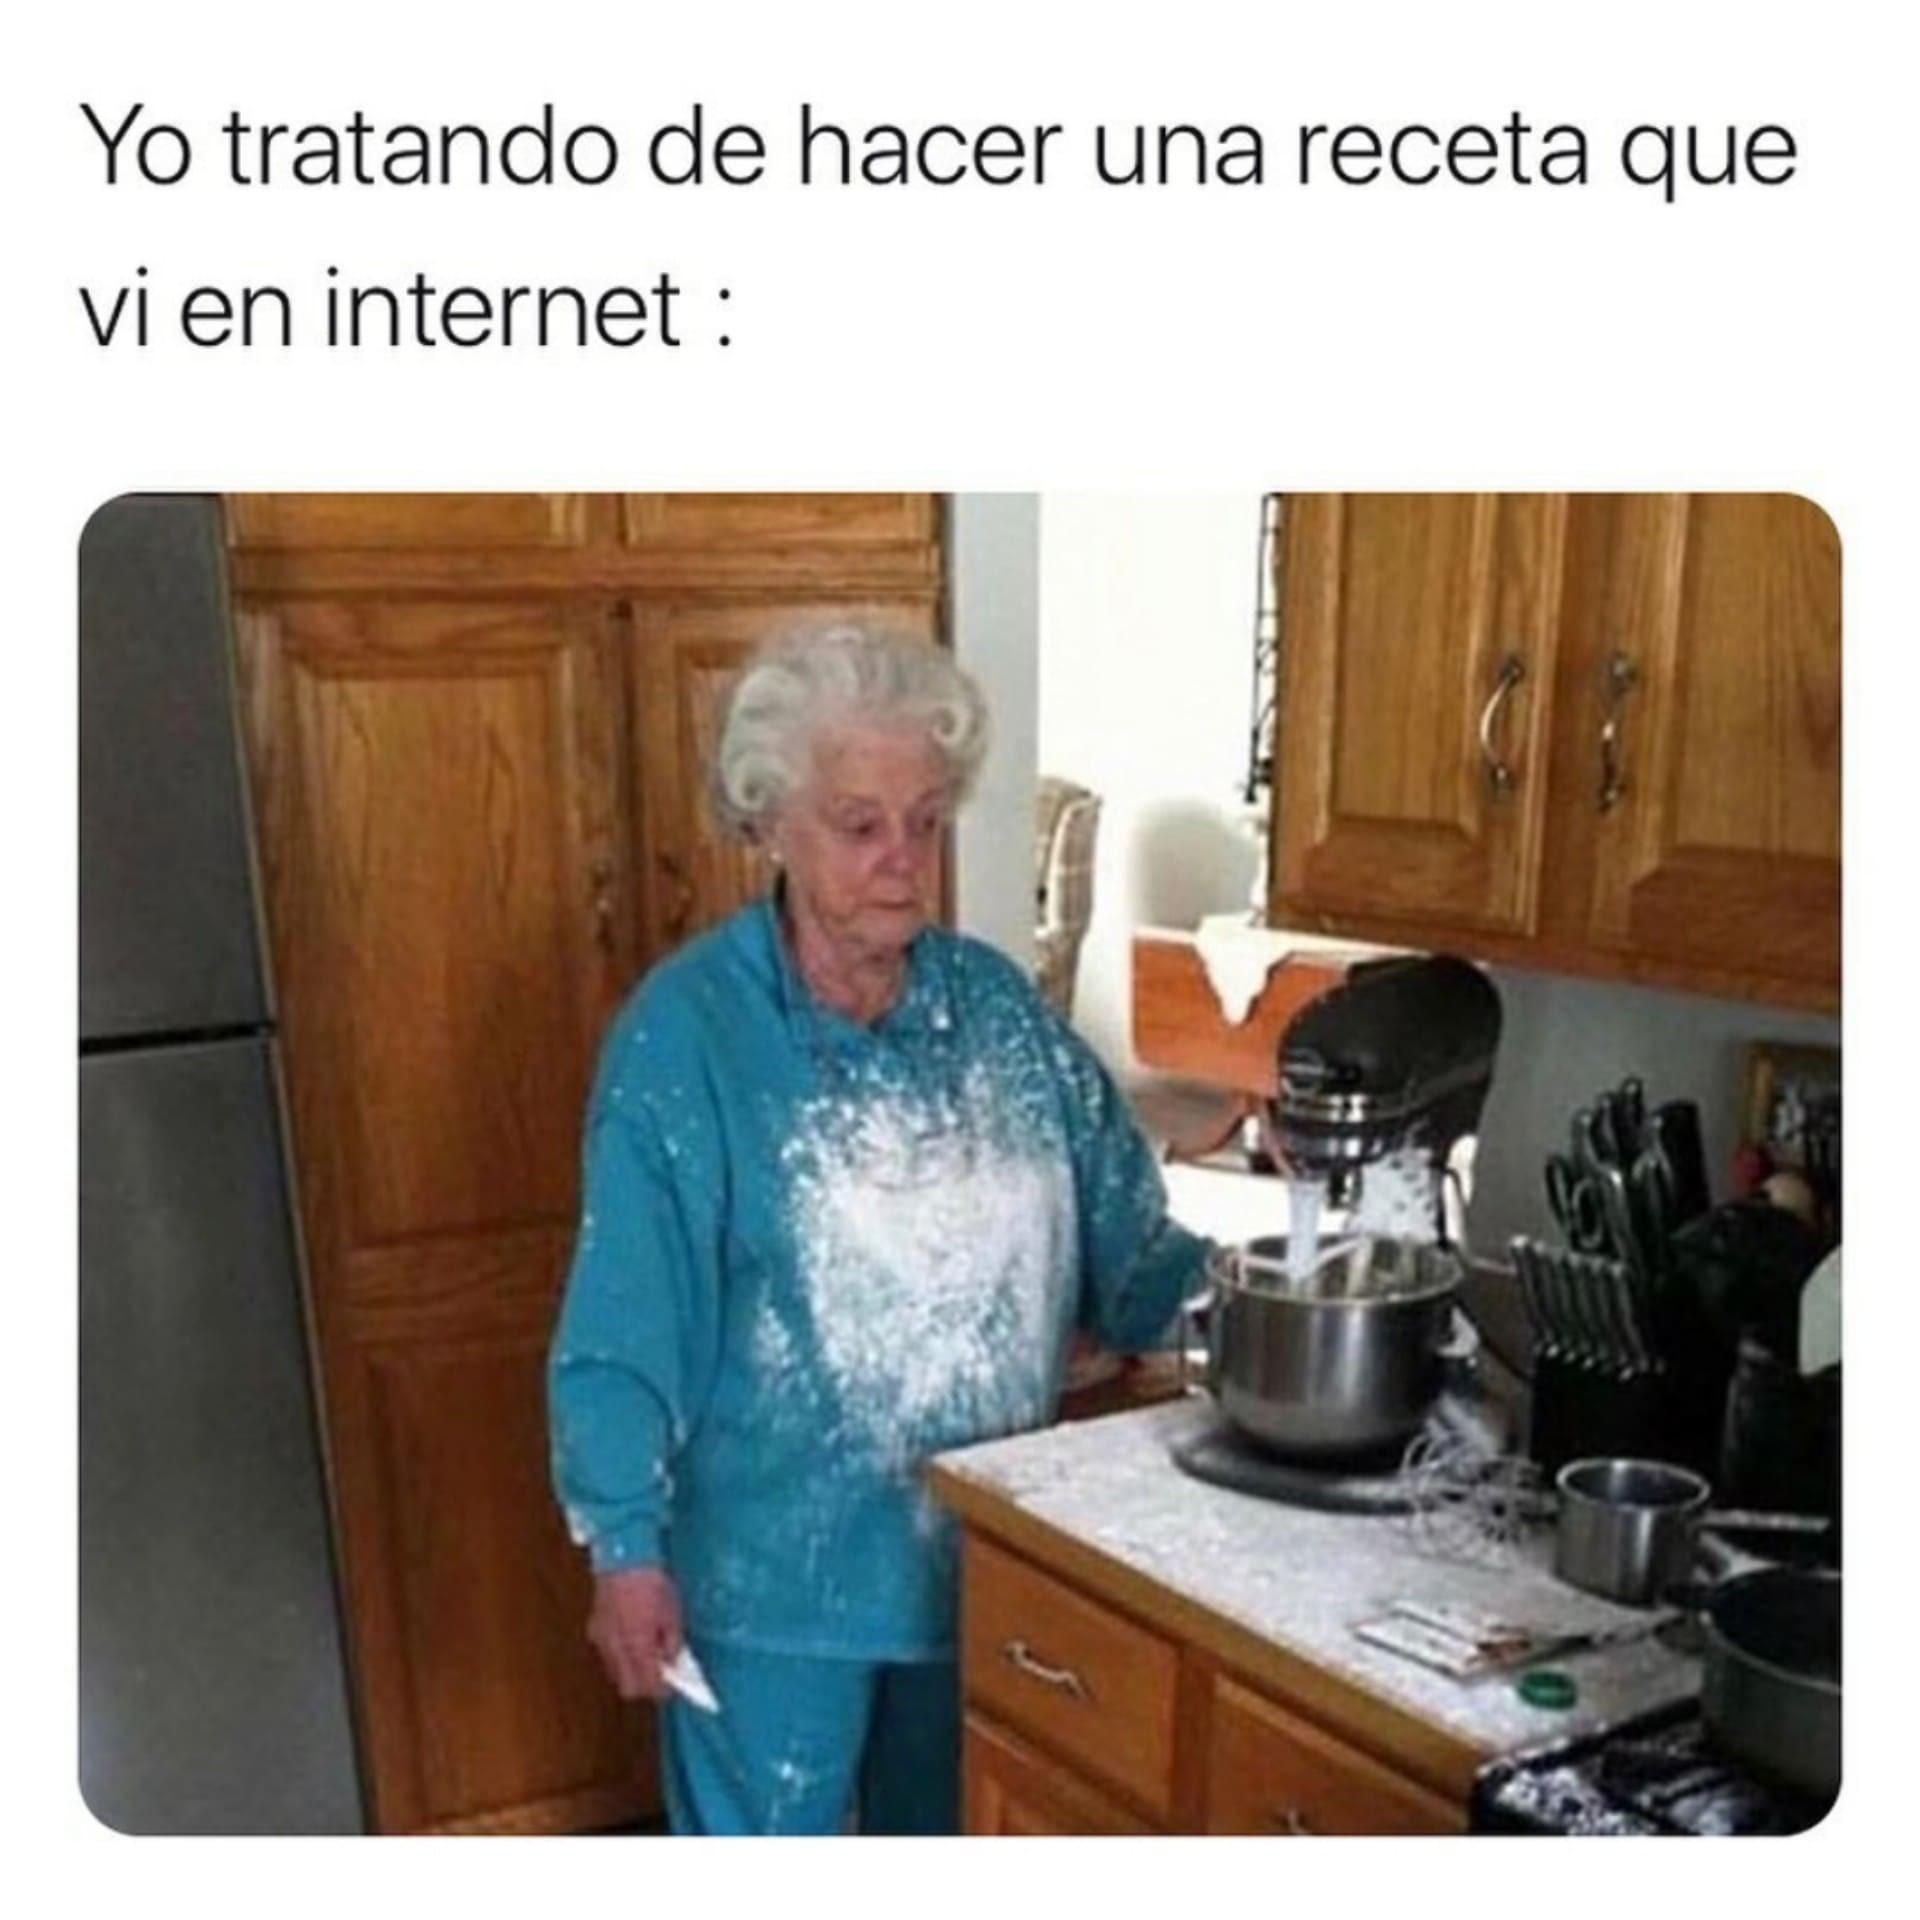 Aprendiendo A Cocinar En La Cuarentena Memes Graciosos